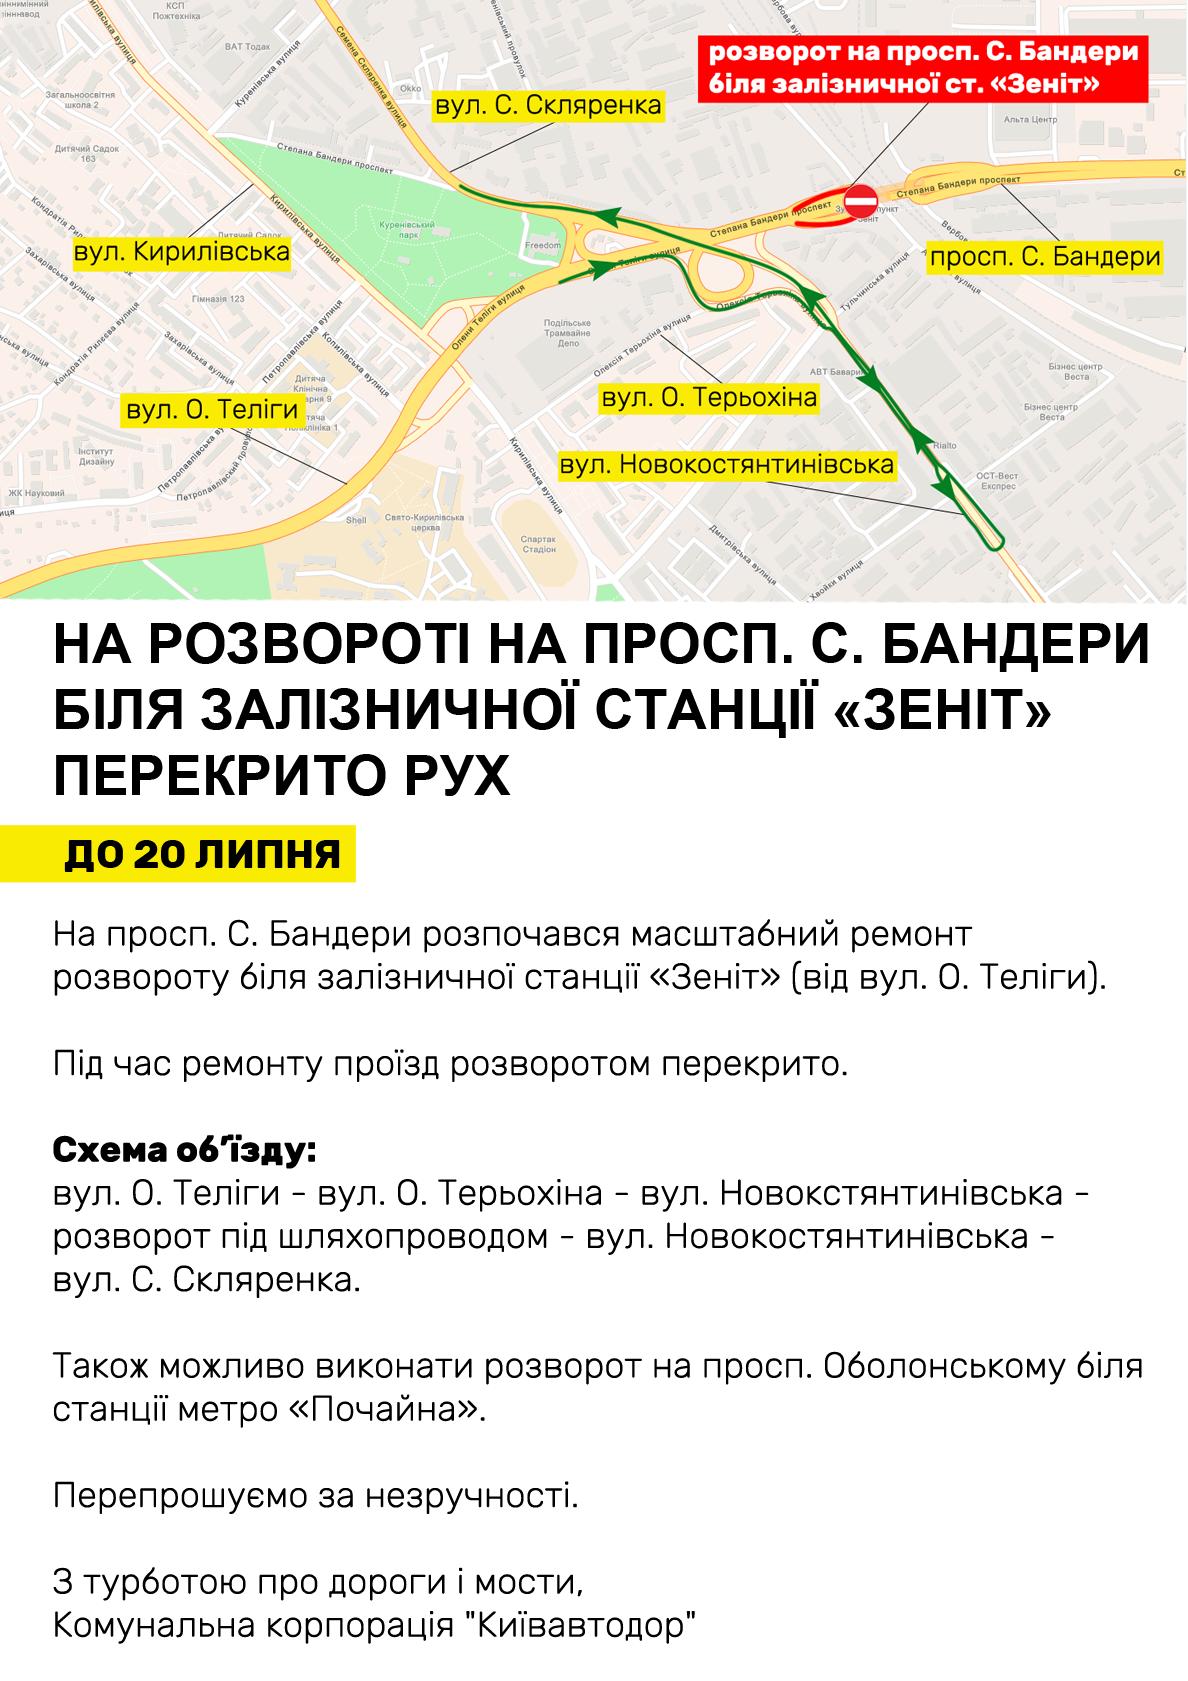 На проспекте Бандеры на полтора месяца закроют кольцо возле ж/д станции., Визуализация Киевавтодора